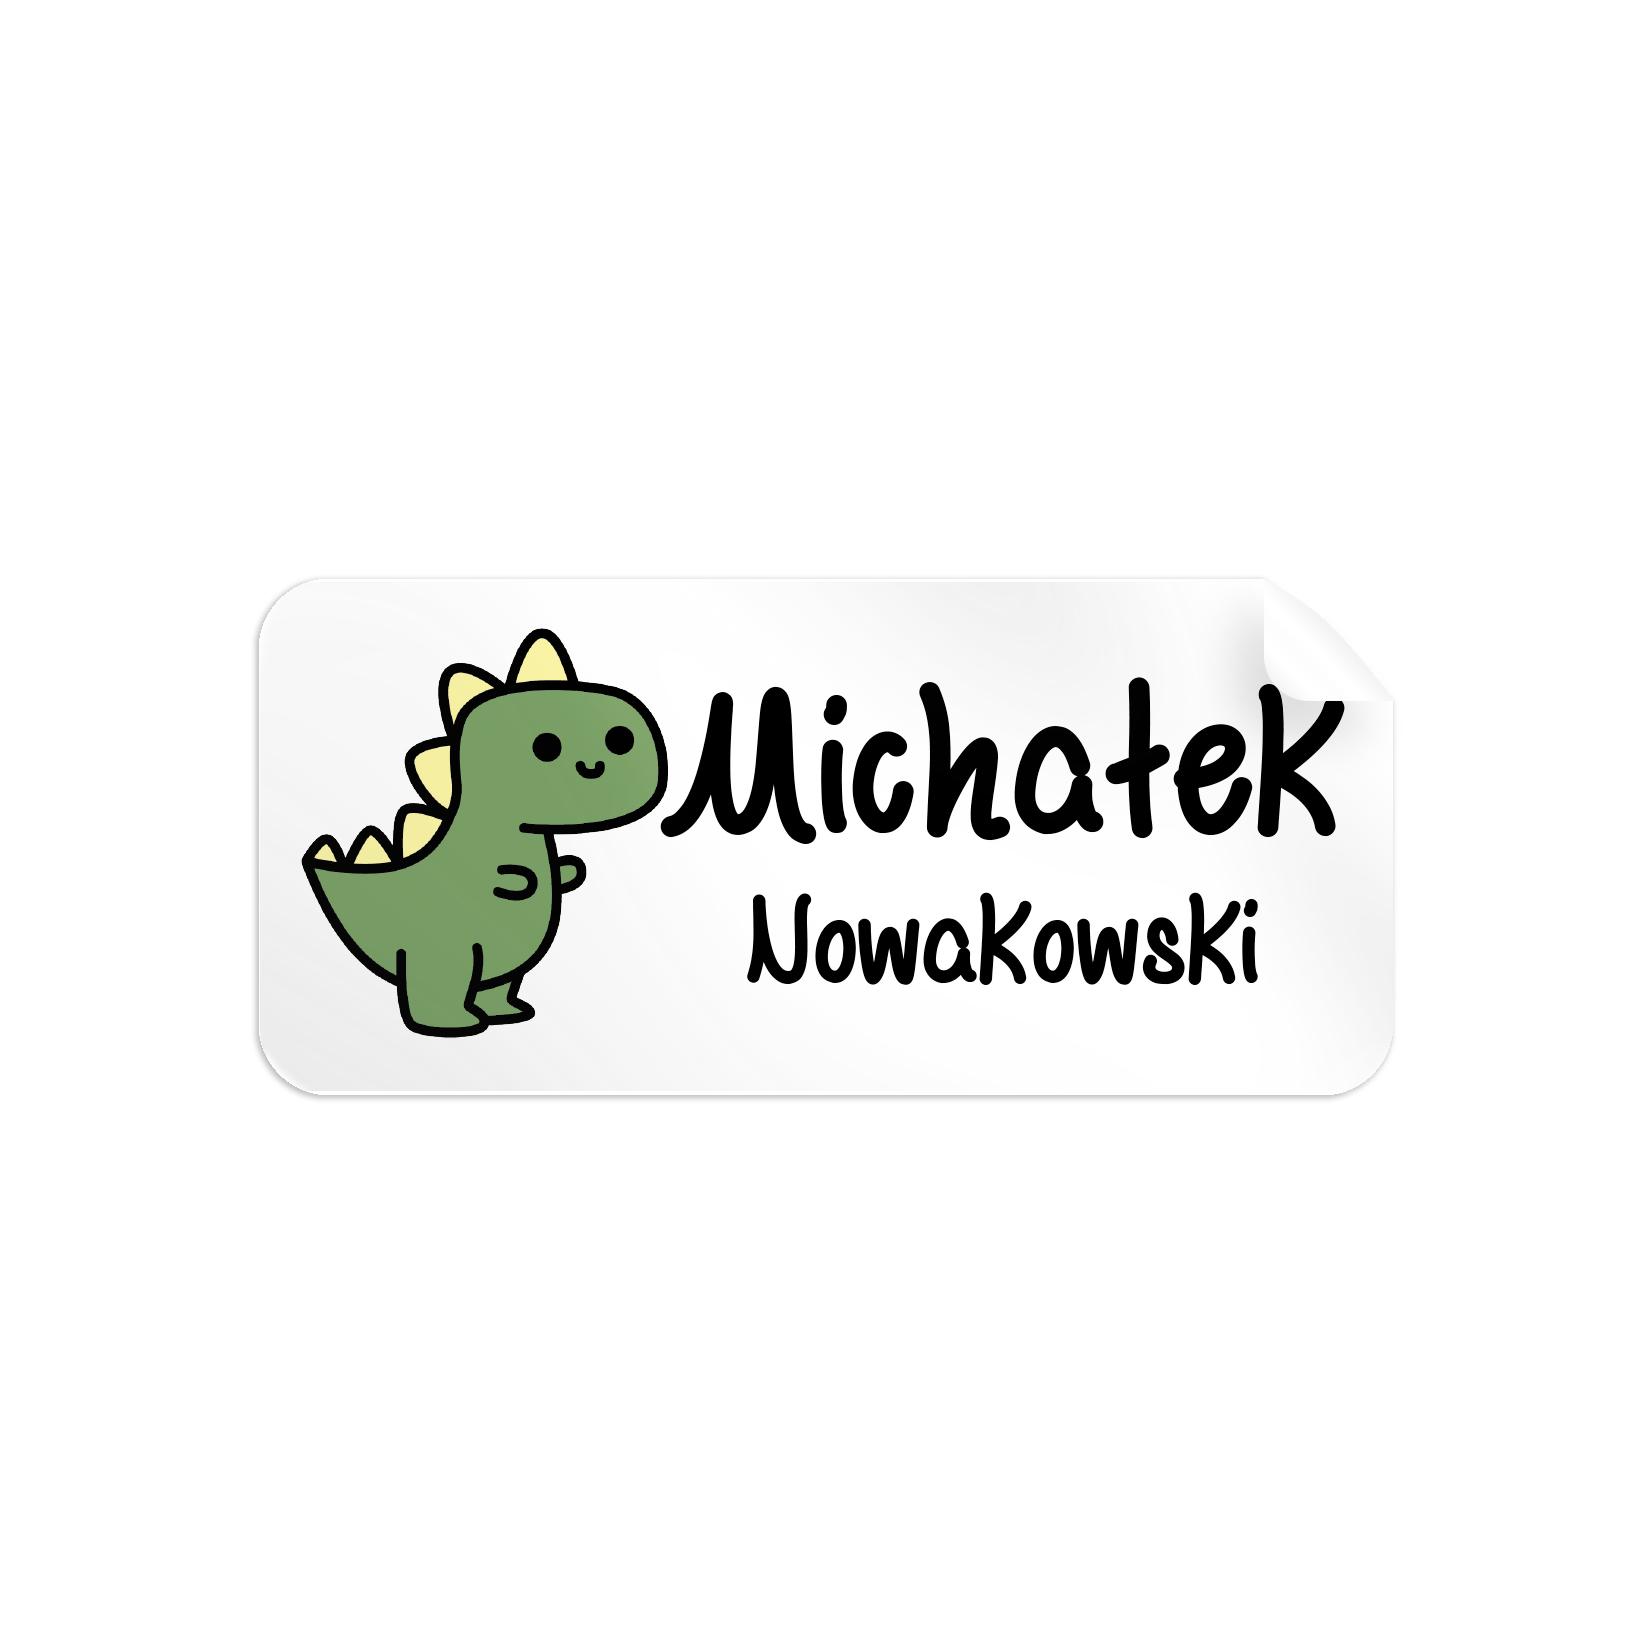 Naklejki szkolne imienne imienniki na zeszyty przybory szkolne dinozaur zielony